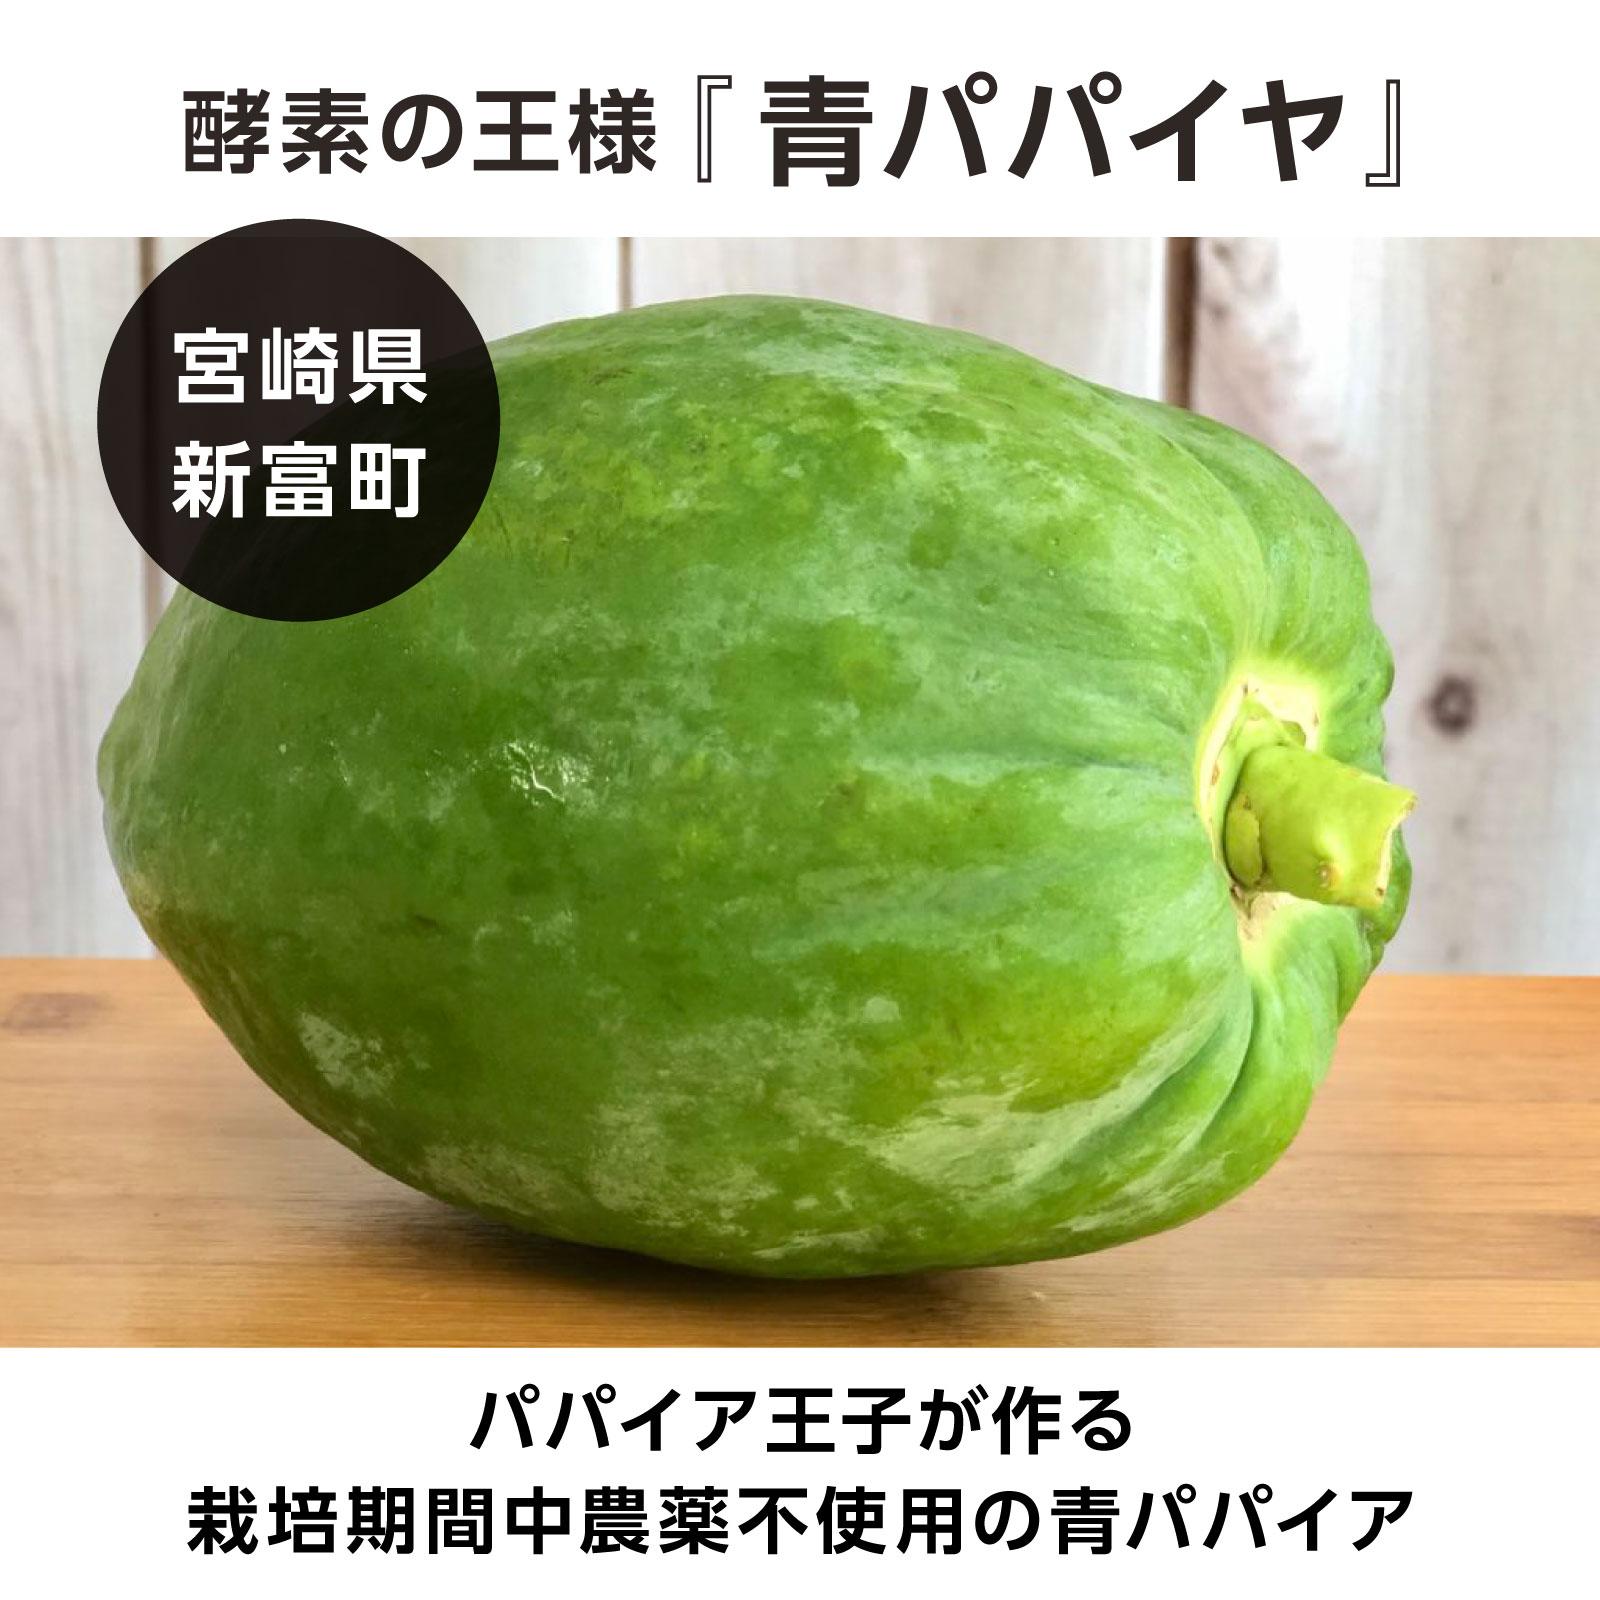 <宮崎県>パパイア王子の青パパイア